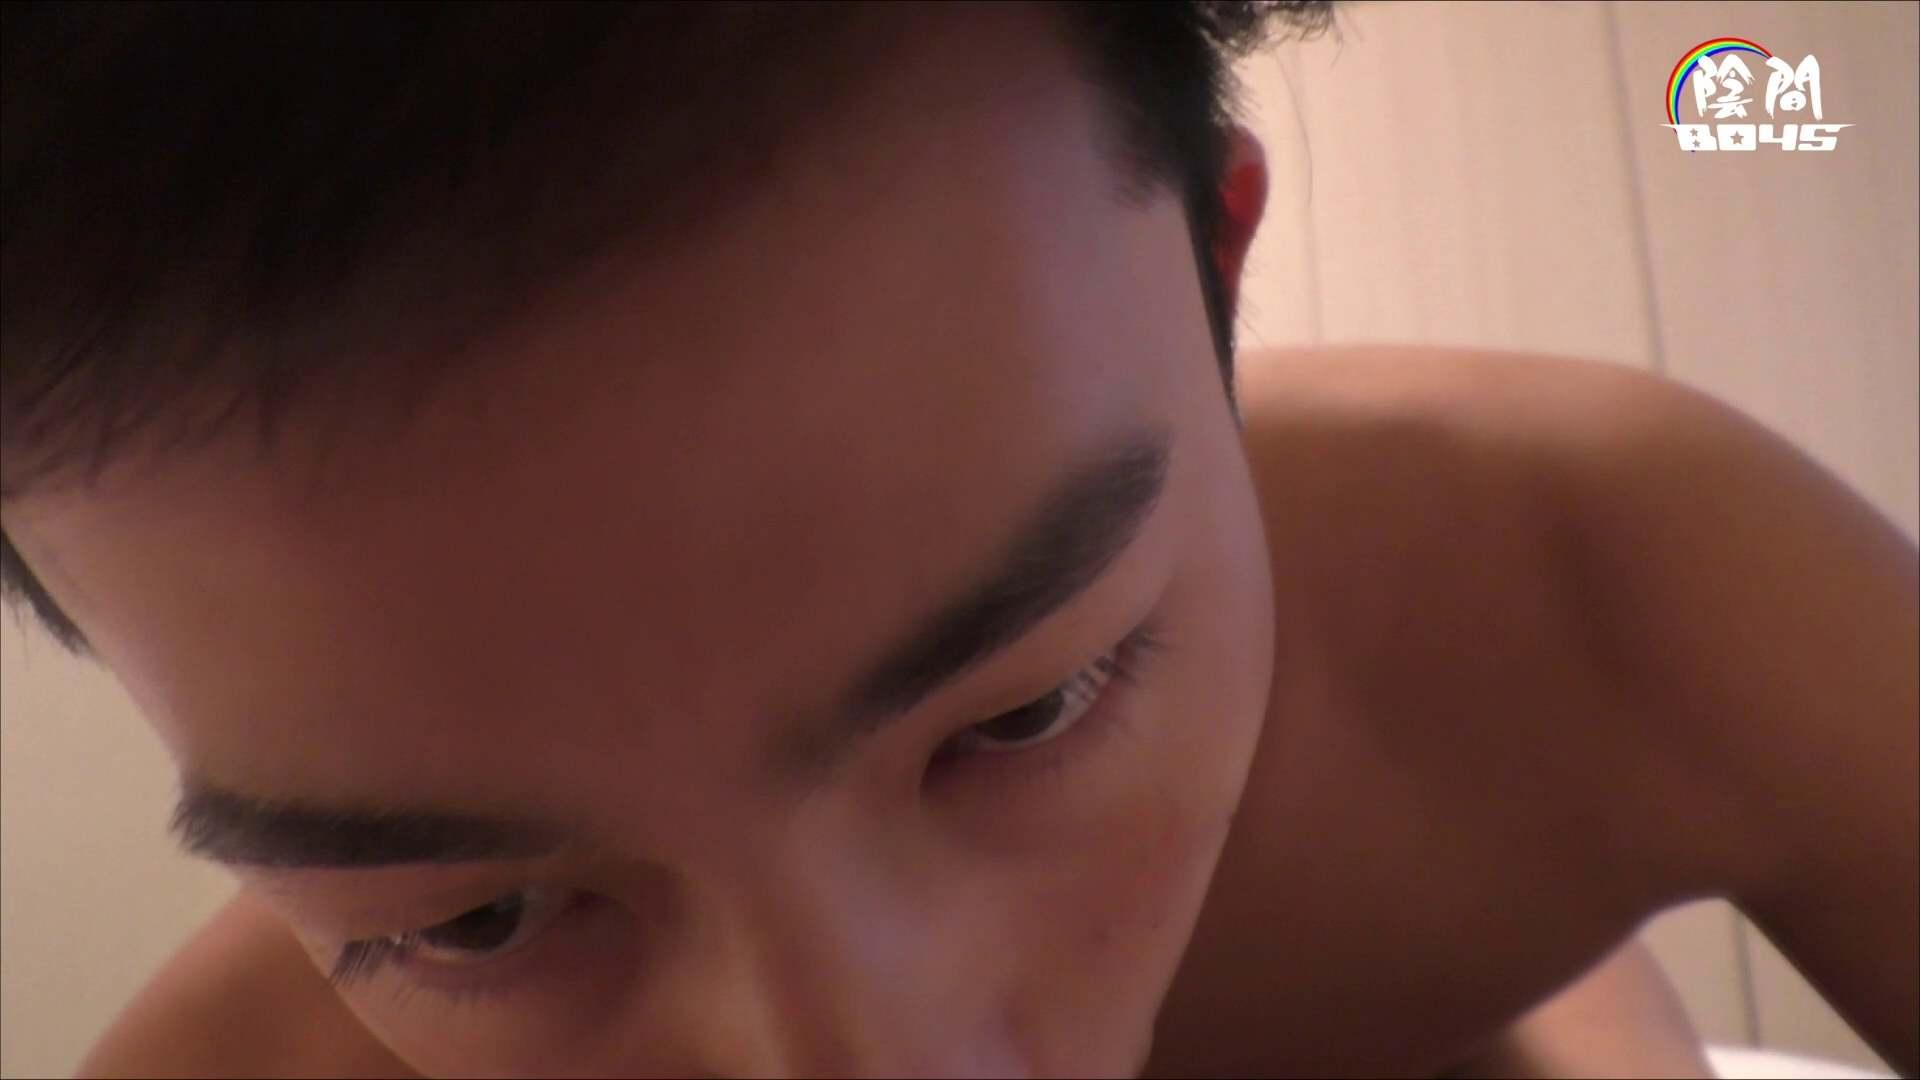 「君のアナルは」part2 ~ノンケの素顔~ Vol.06 仰天アナル ゲイセックス画像 69pic 36